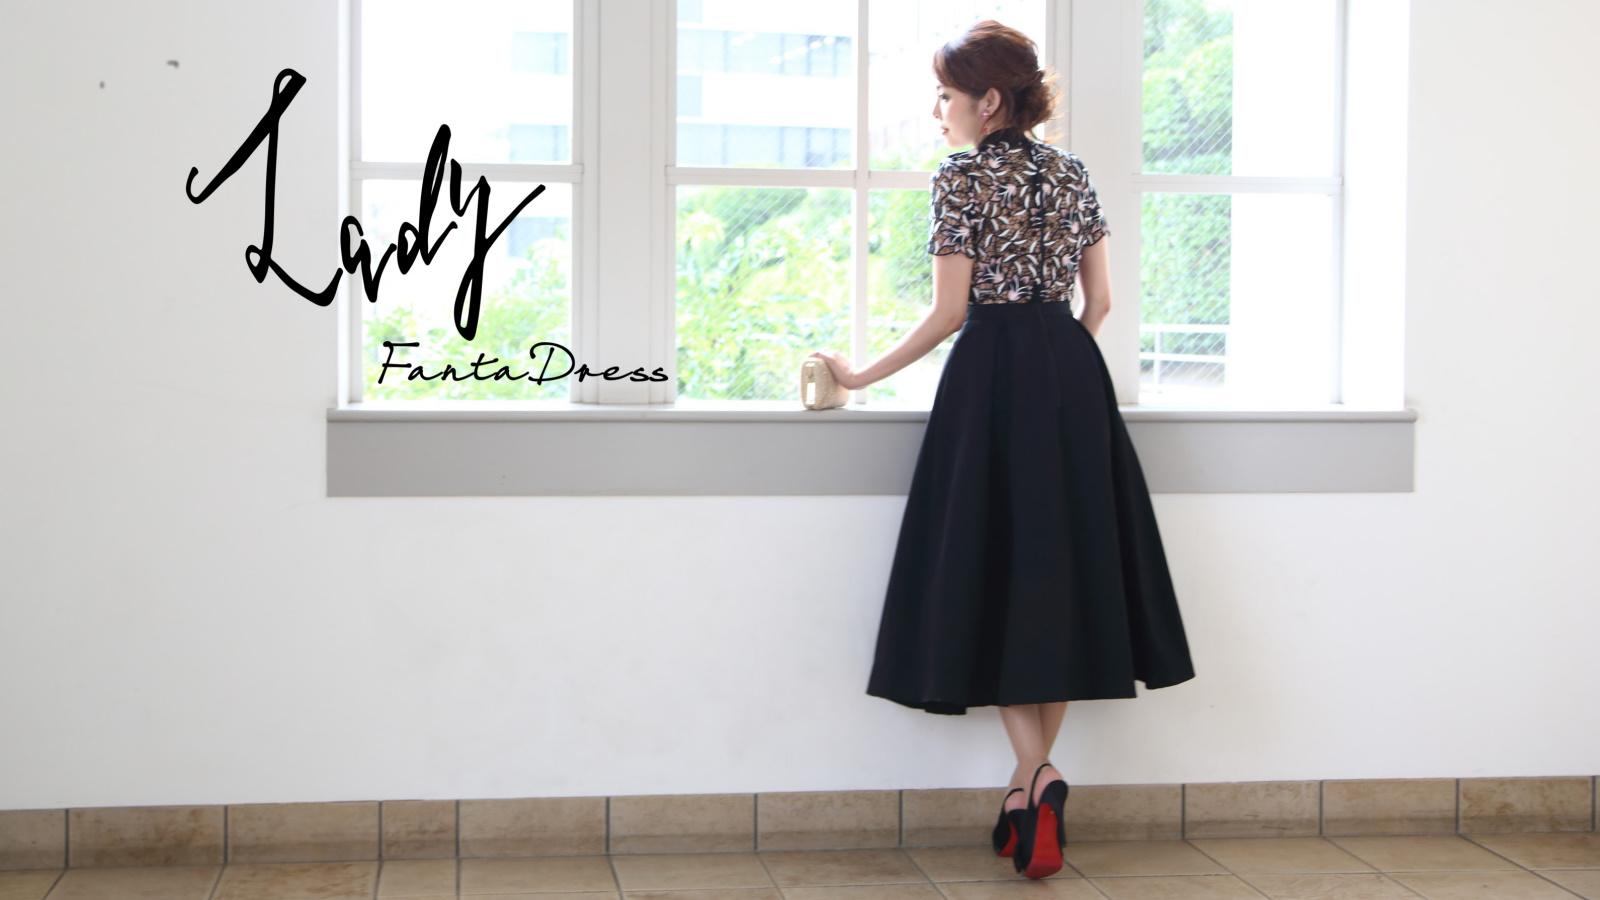 ミディ丈 大人ドレスコレクション(Lady FantaDress)